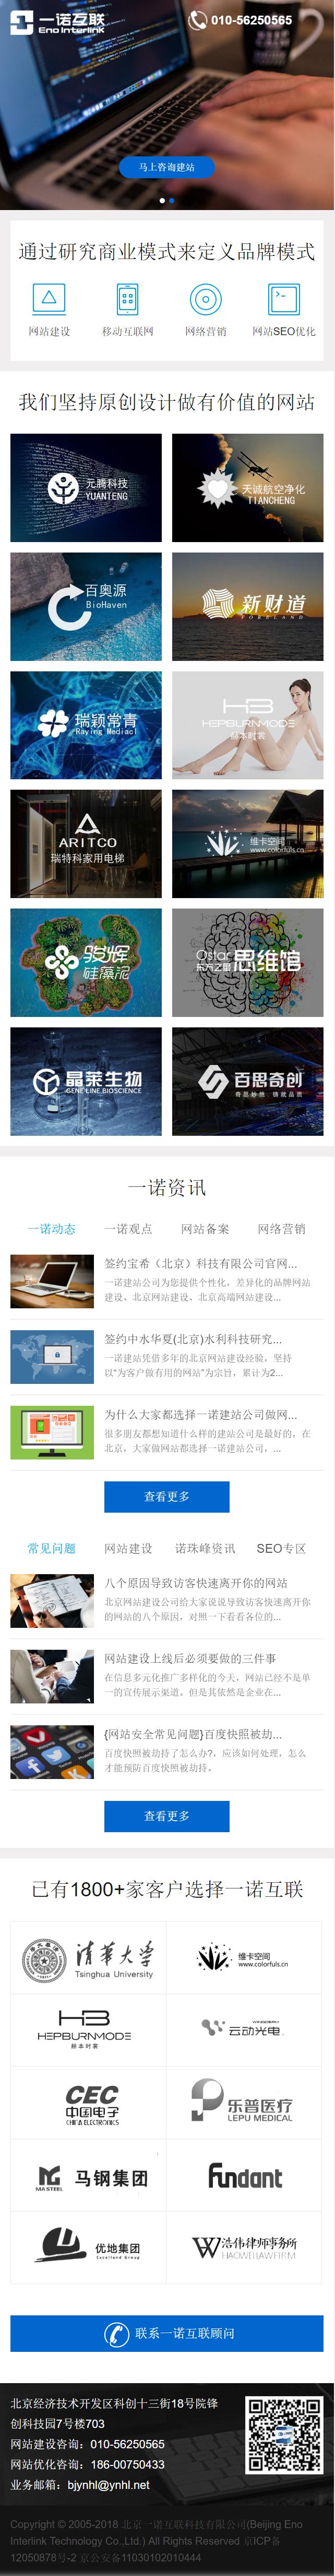 手机网站建设,营销型网站建设,北京网站制作公司